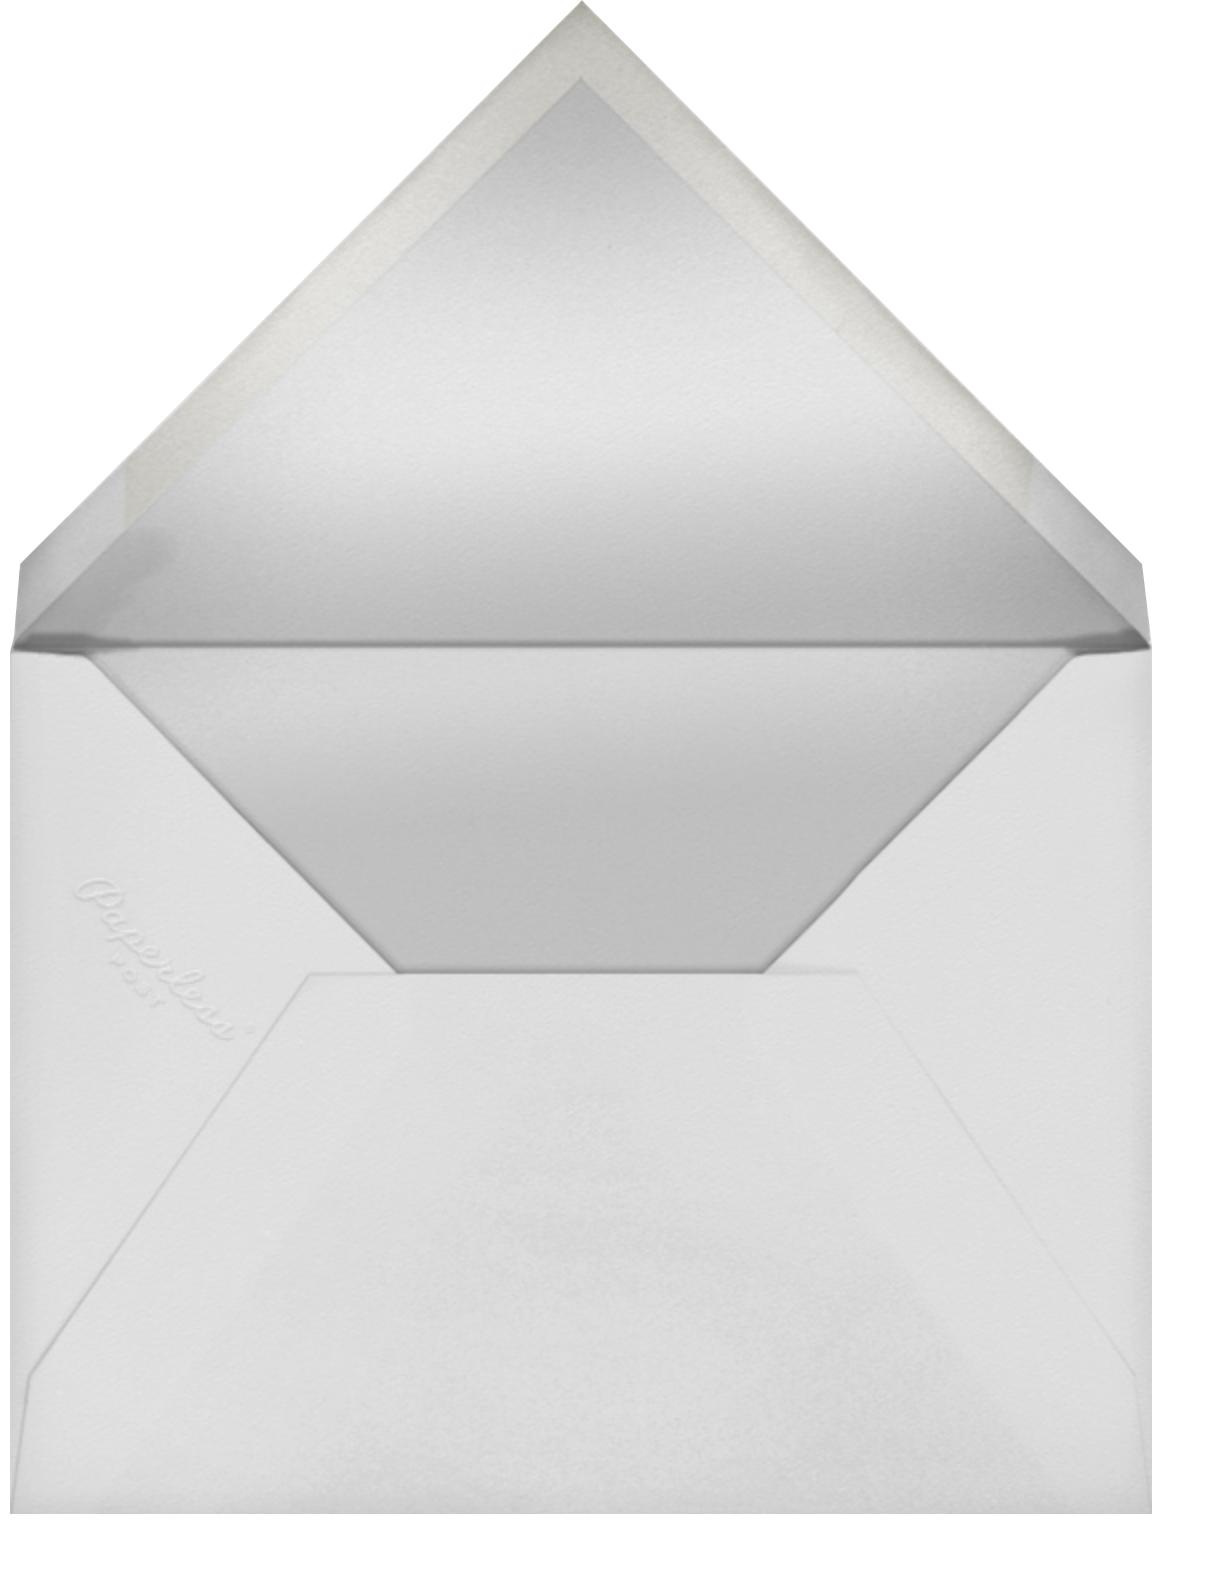 Cherish (Menu) - Gold - Kelly Wearstler - Menus - envelope back